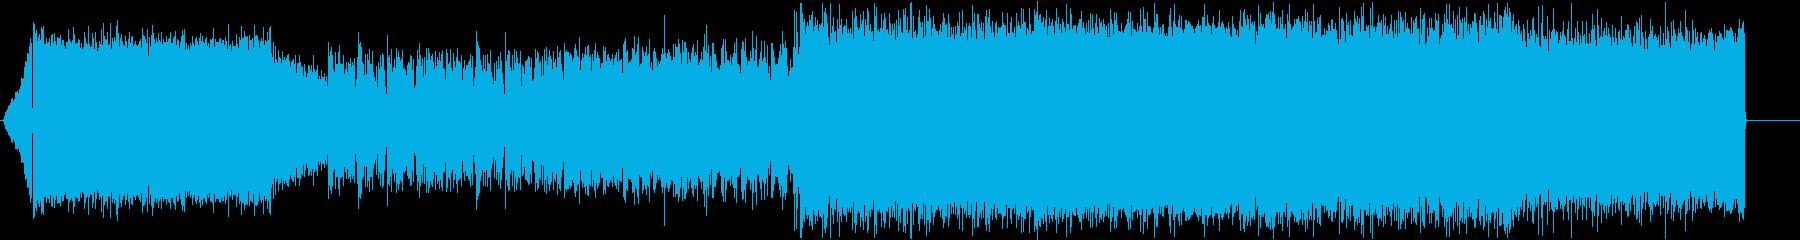 ソロが印象的な緊張感漂うロック ver2の再生済みの波形